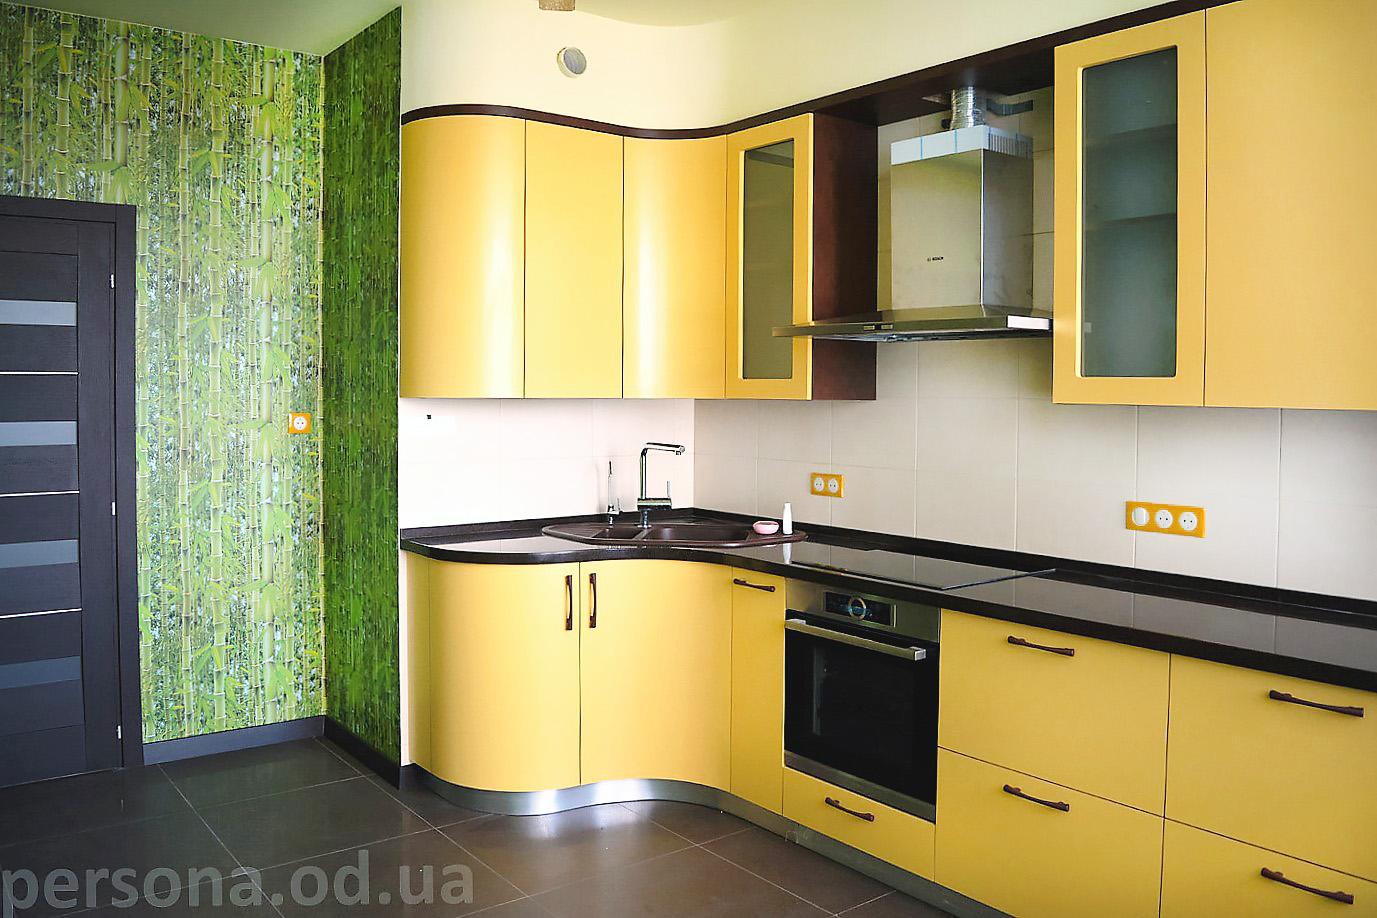 Желтая кухня в Одессе фото>компания Персона